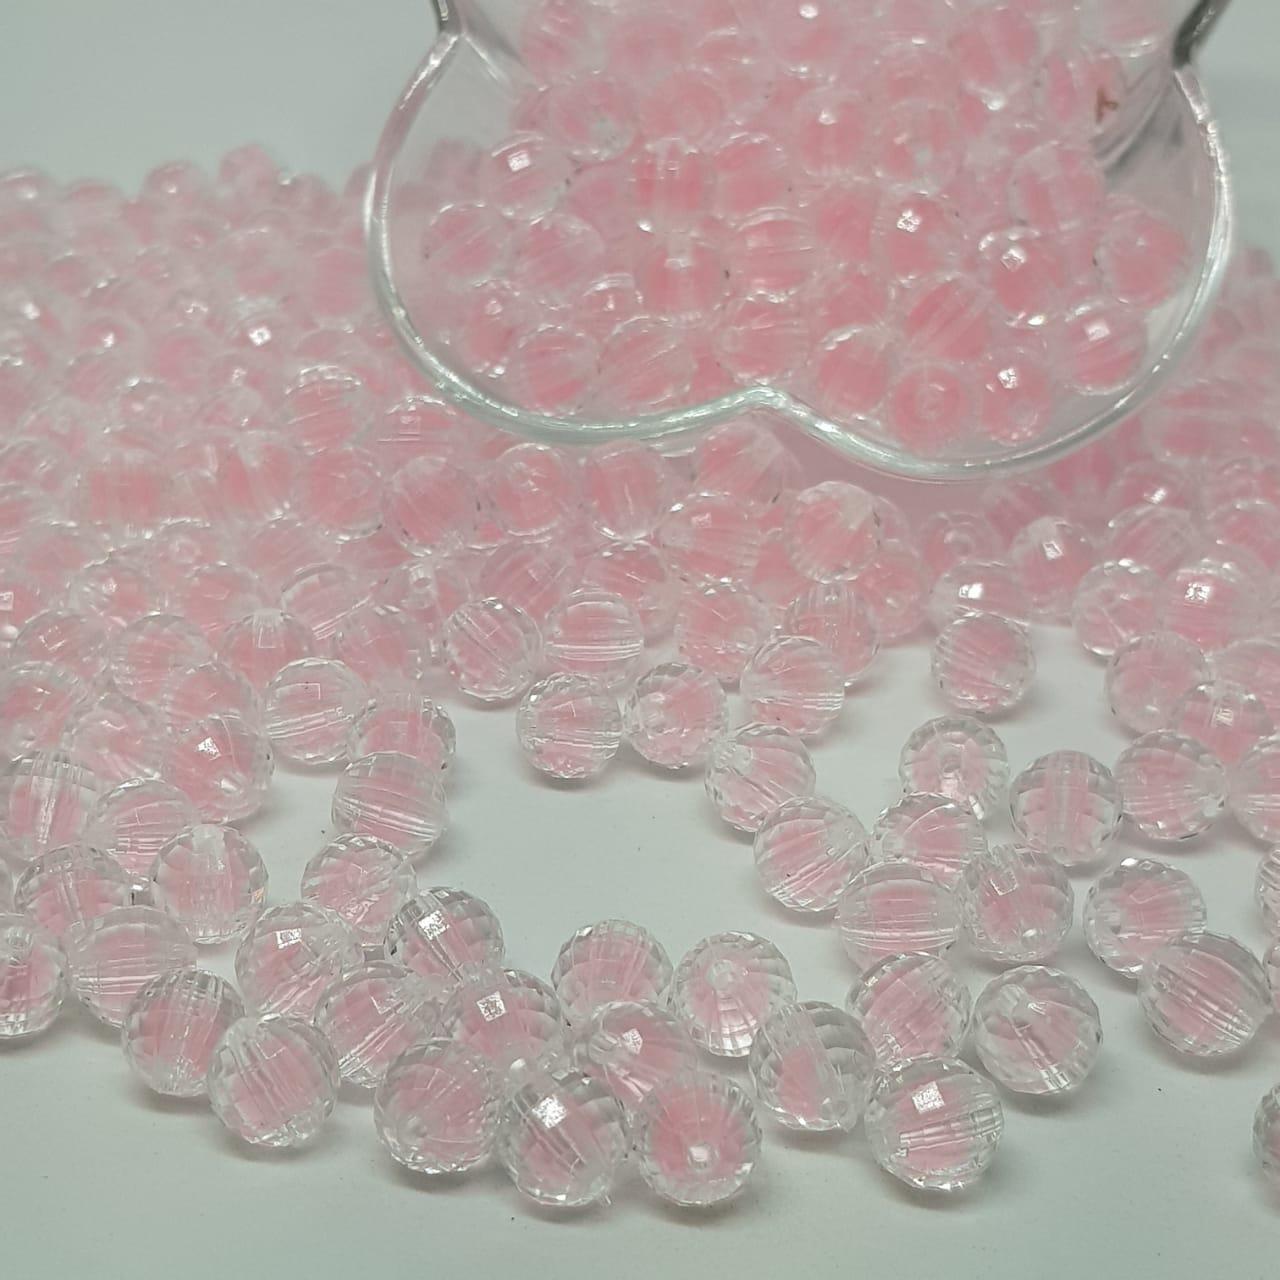 Bolinha de acrilico  transparente com miolo rosa bebê facetado  10MM 25g